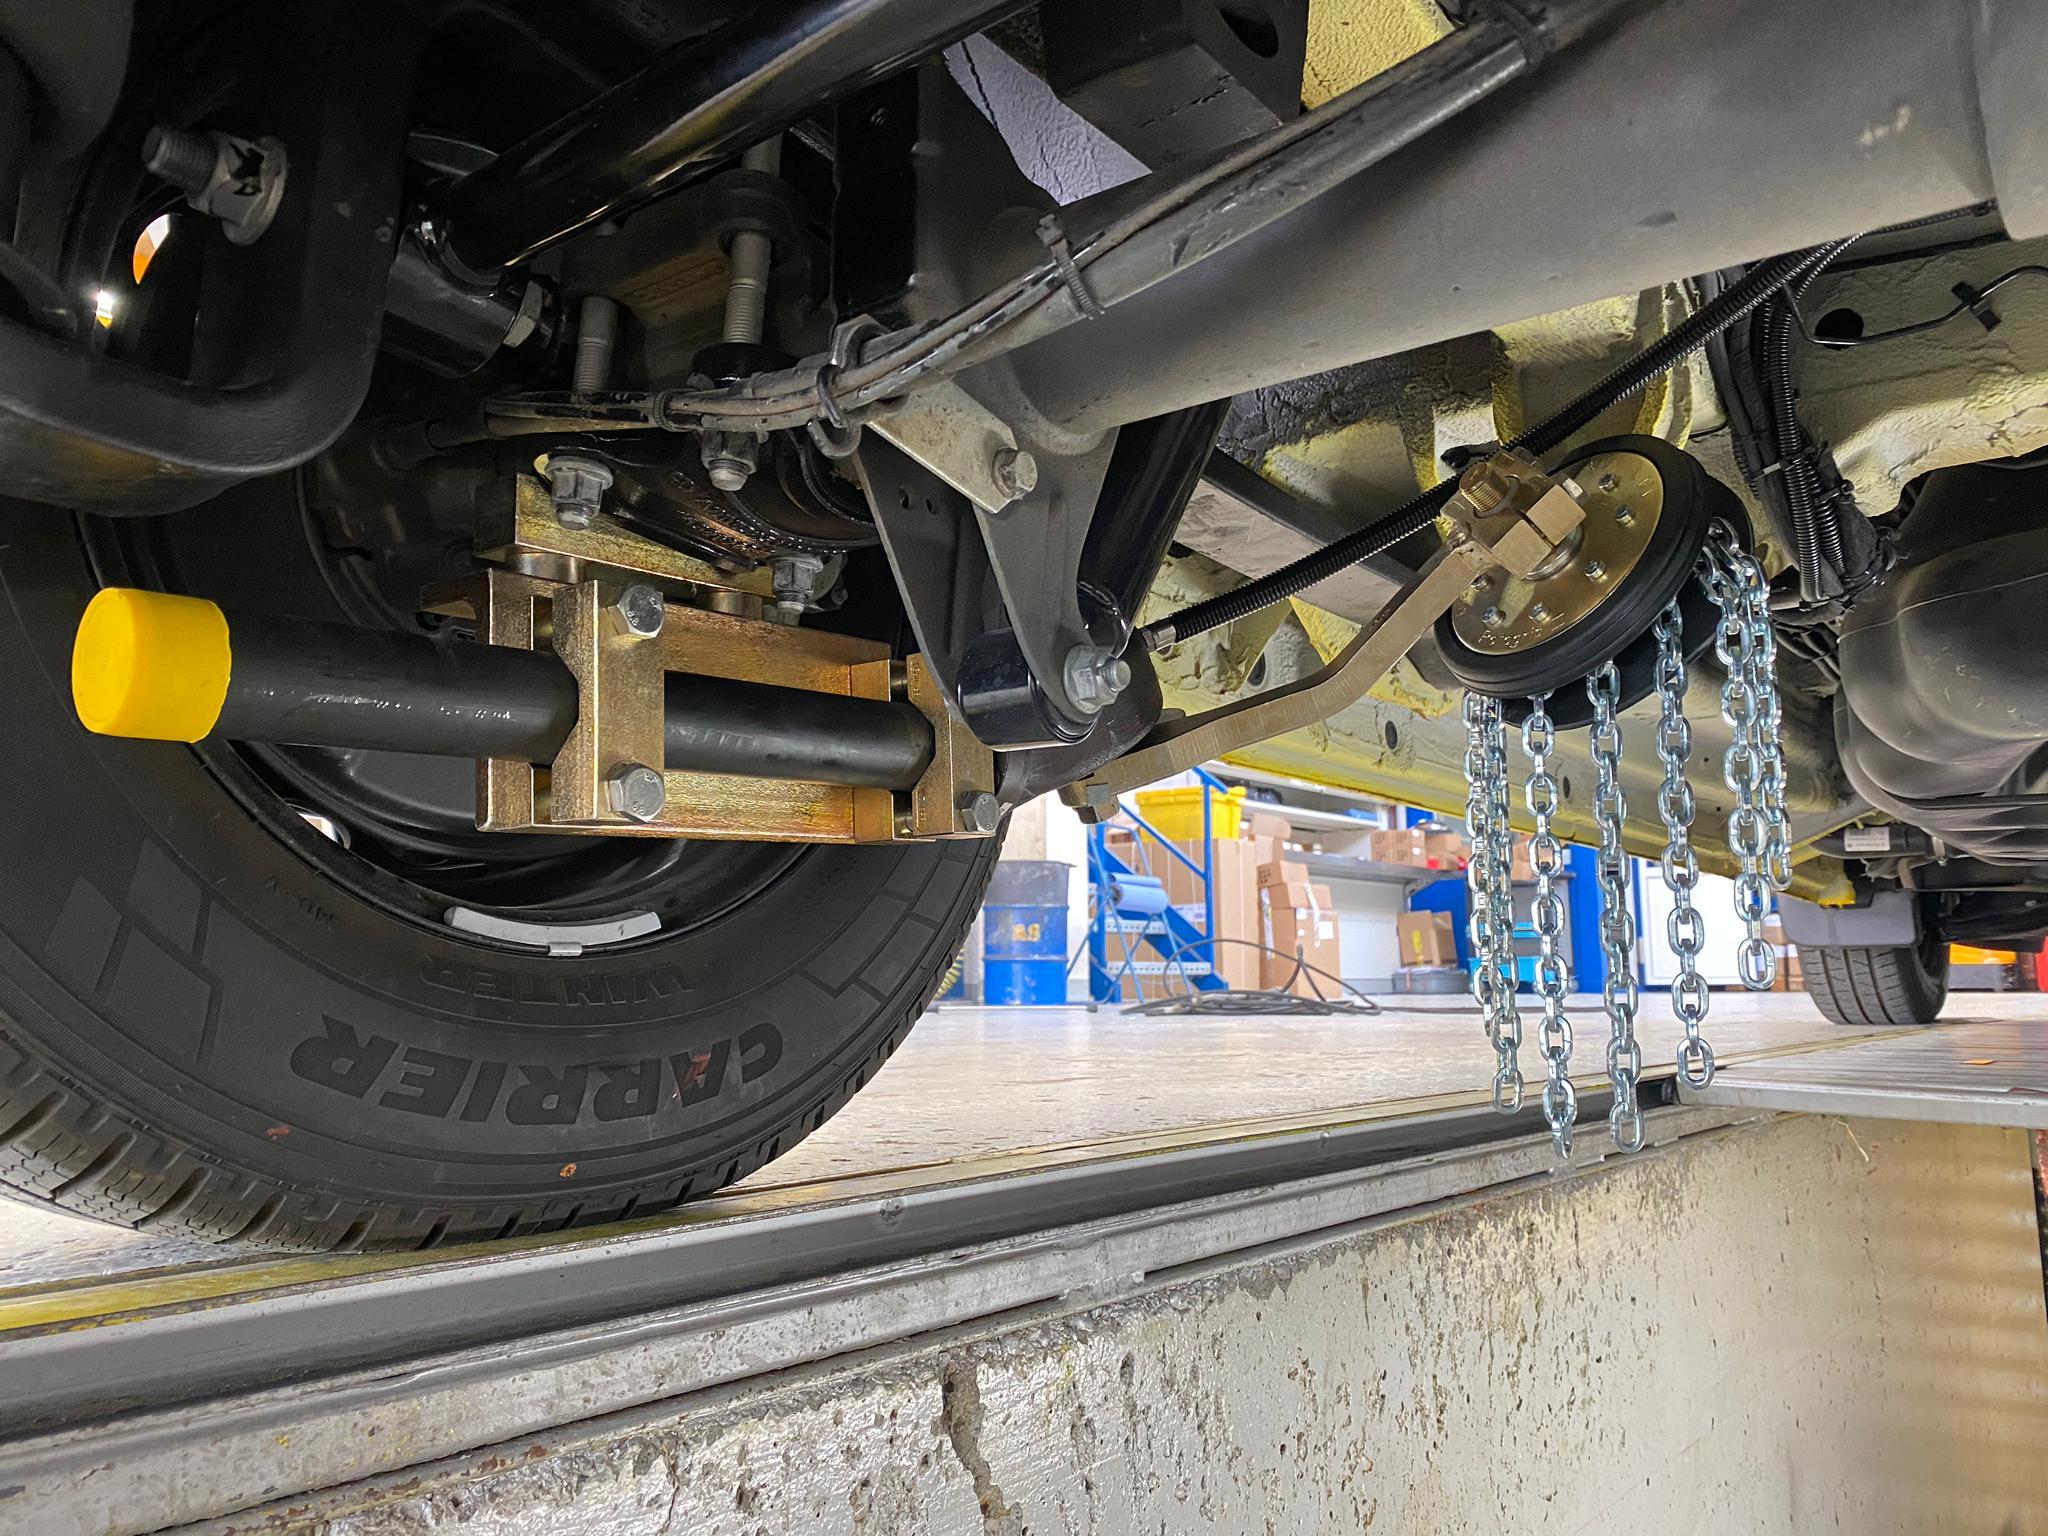 Rud bietet ein Schleuderkettensystem mit dem Rotogrip Light Truck (LT) für leichte Nutzfahrzeuge wie Krankenwagen